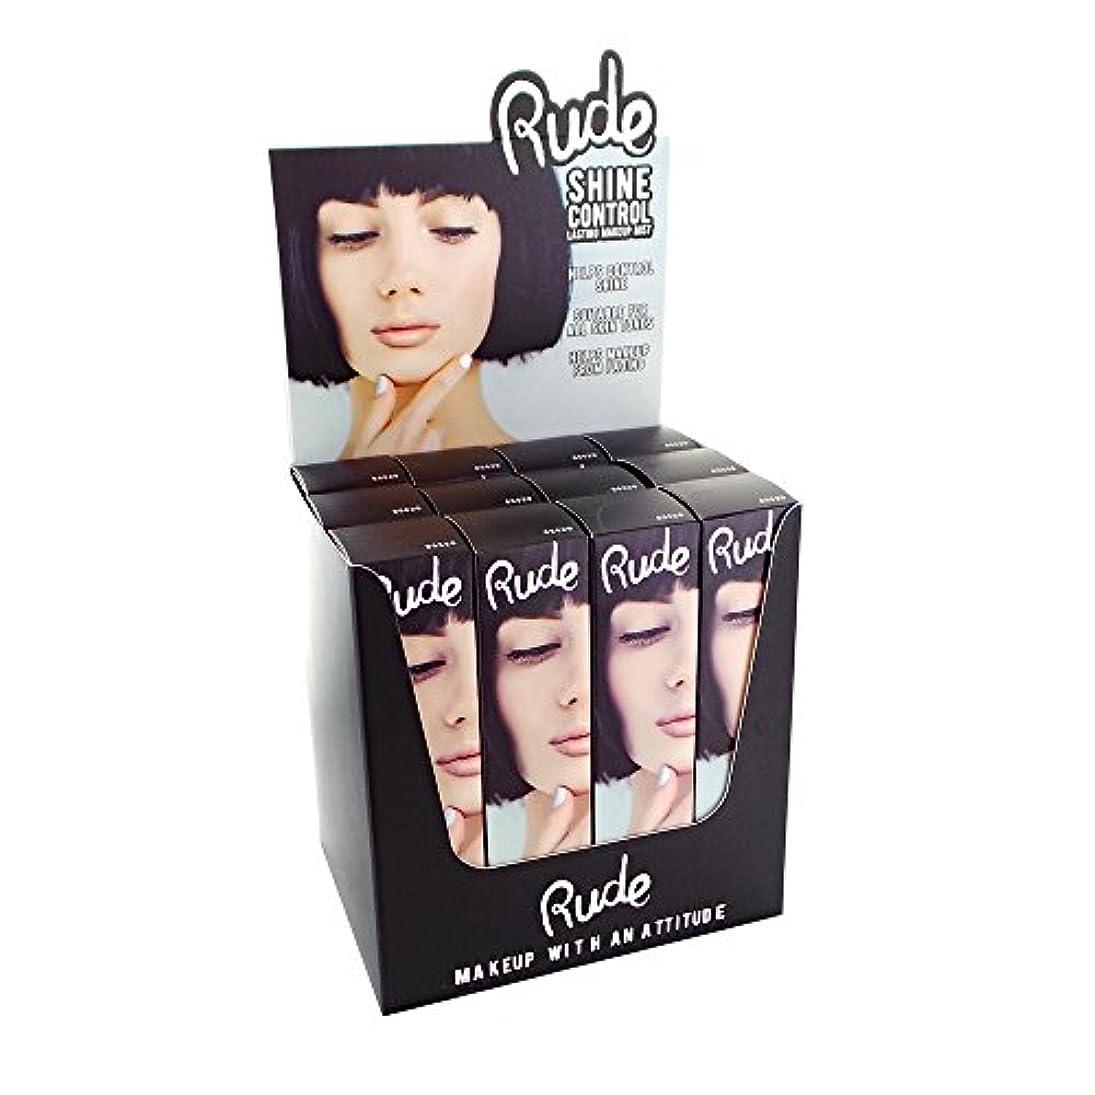 研磨トランザクションモニターRUDE Shine Control Lasting Makeup Mist Display Set, 12 Pieces (並行輸入品)